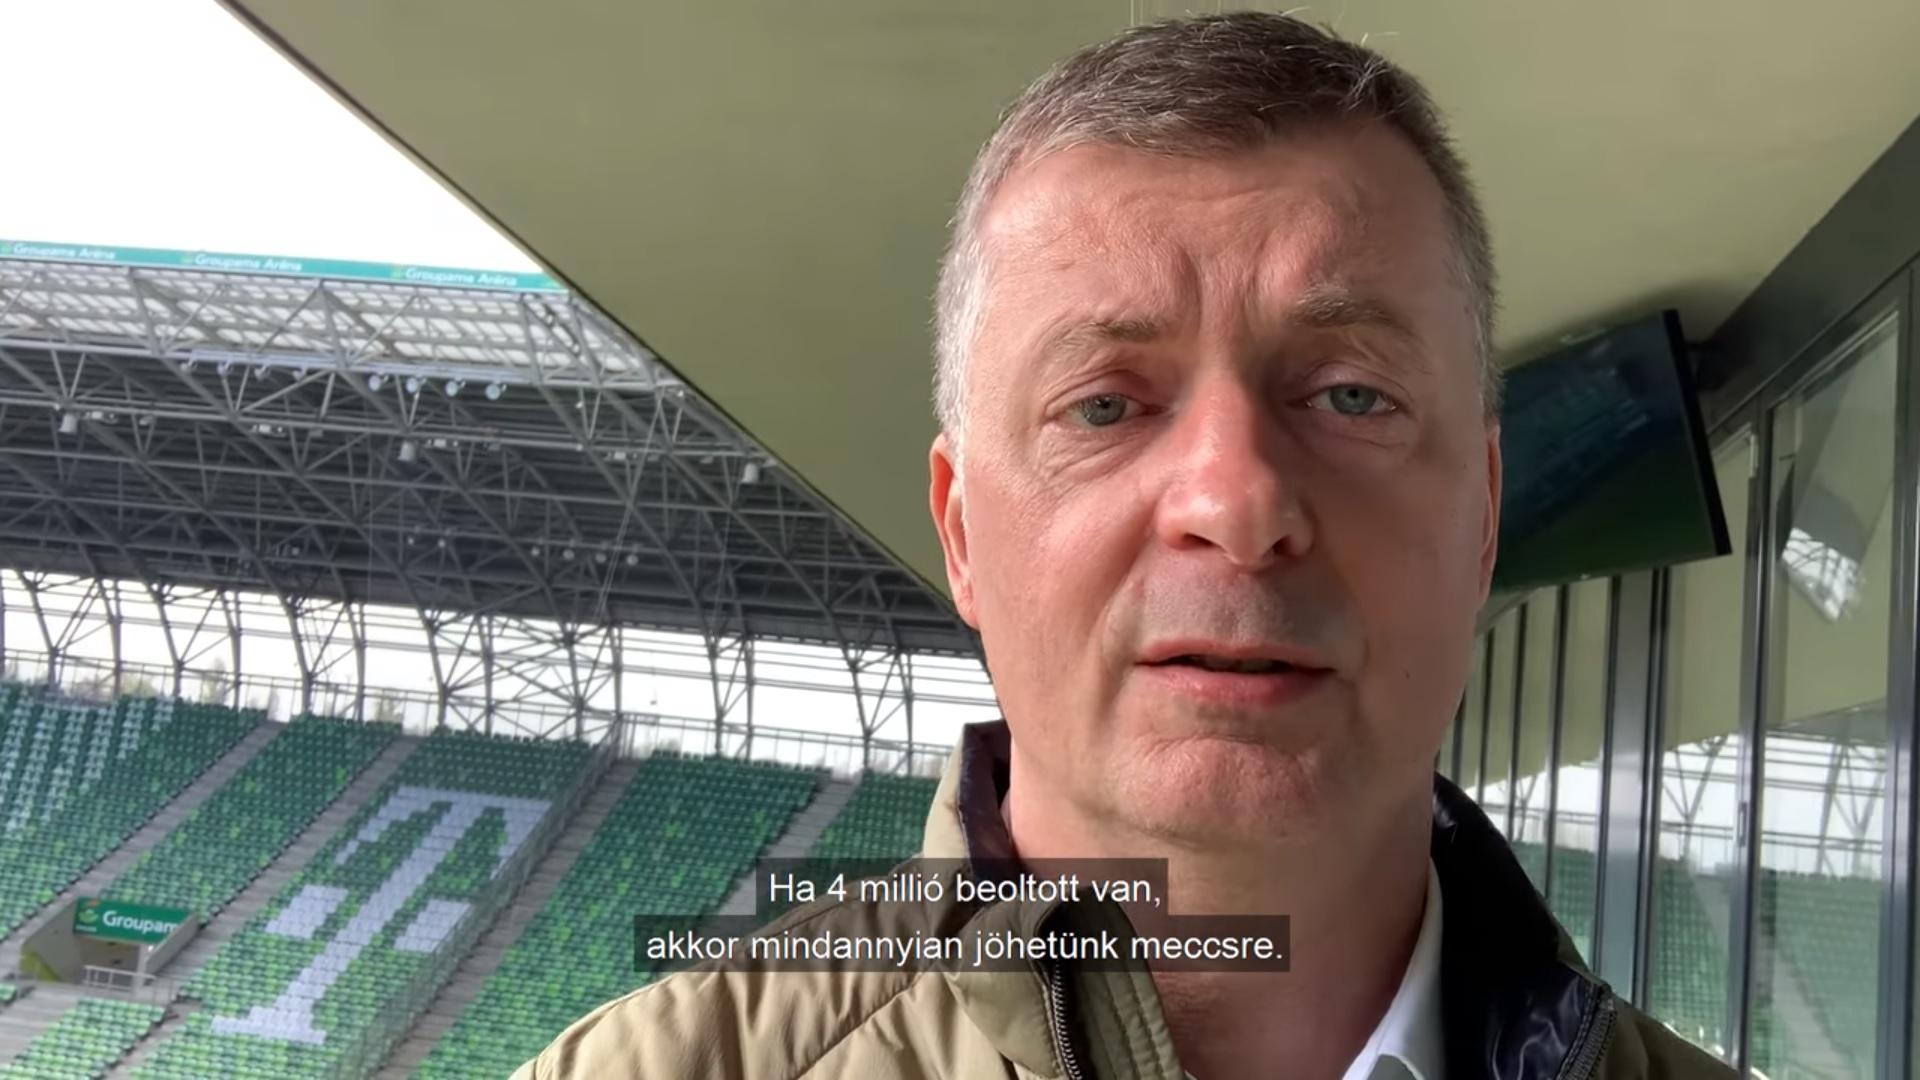 Kubatov: Ha megvan a 4 millió beoltott, szombaton már nézők előtt játszik a Fradi a stadionjában